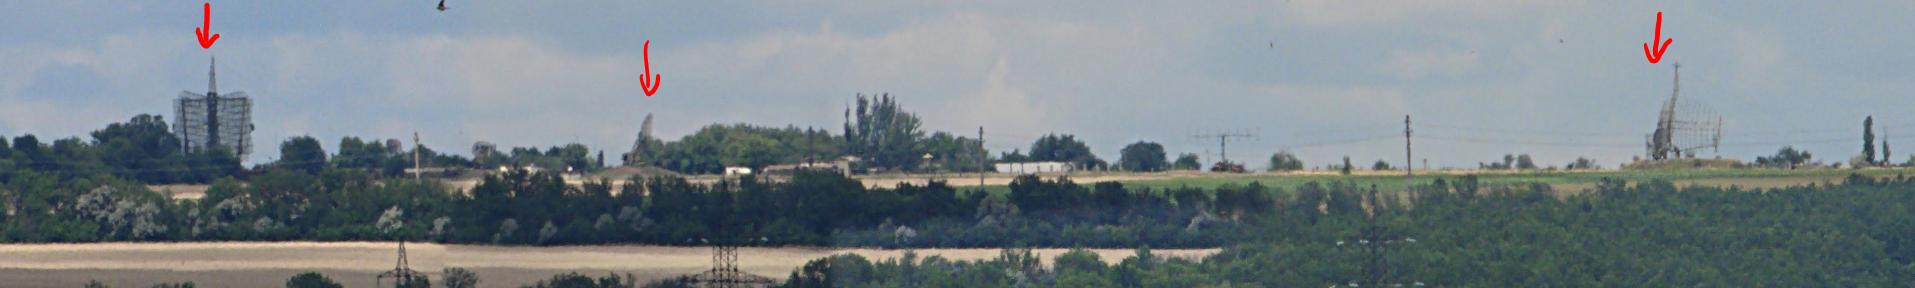 Panoramic-Radars.png